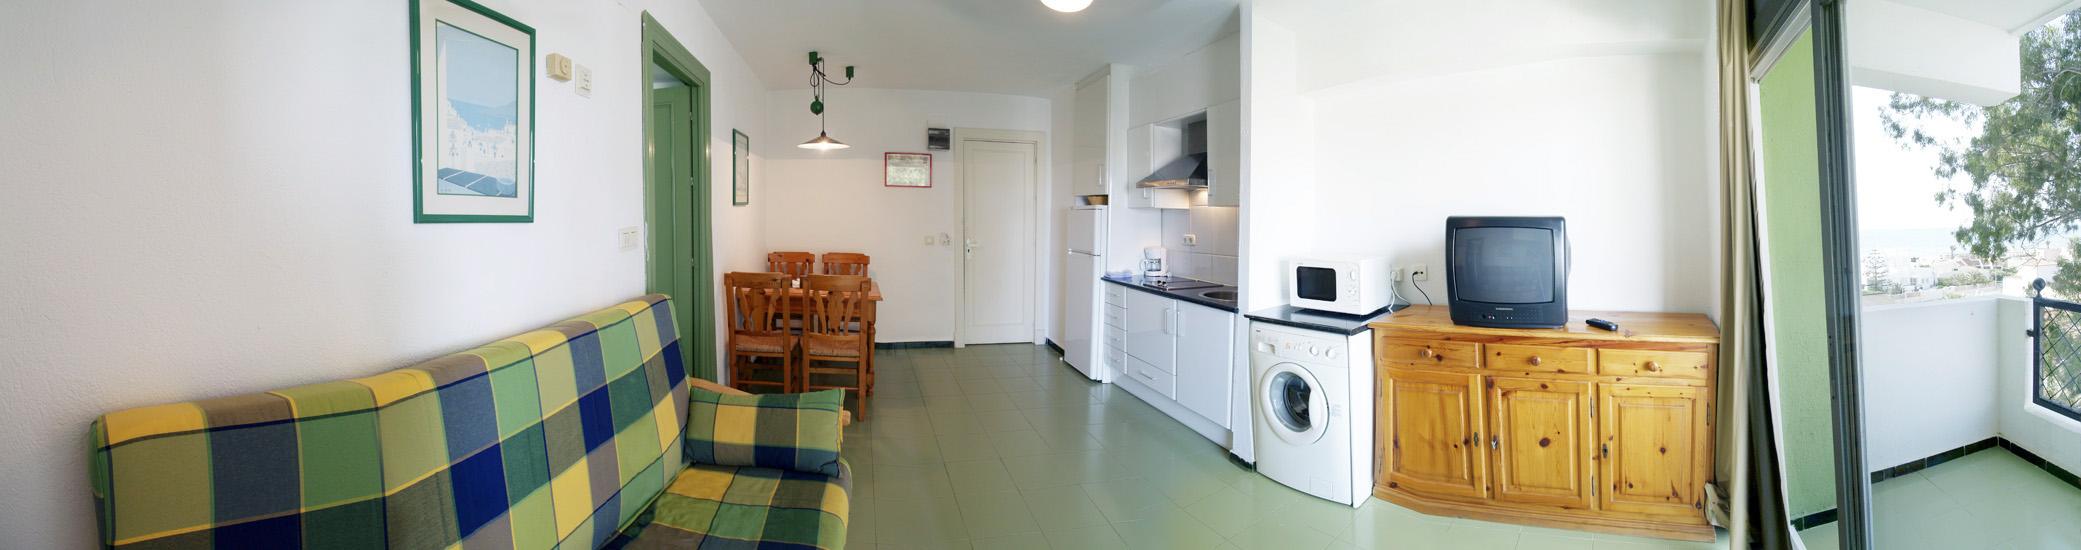 Apartamento 1 dormitorio  del hotel Destinos de Sol La Minería Roquetas de Mar